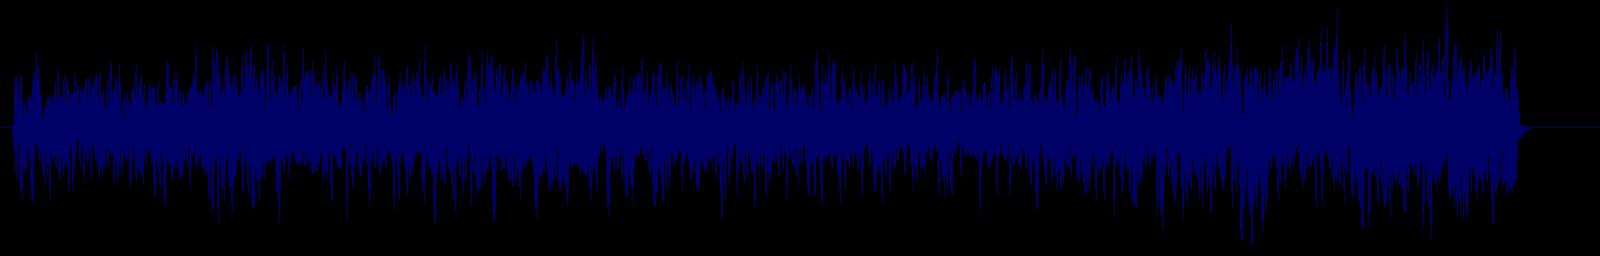 waveform of track #152138